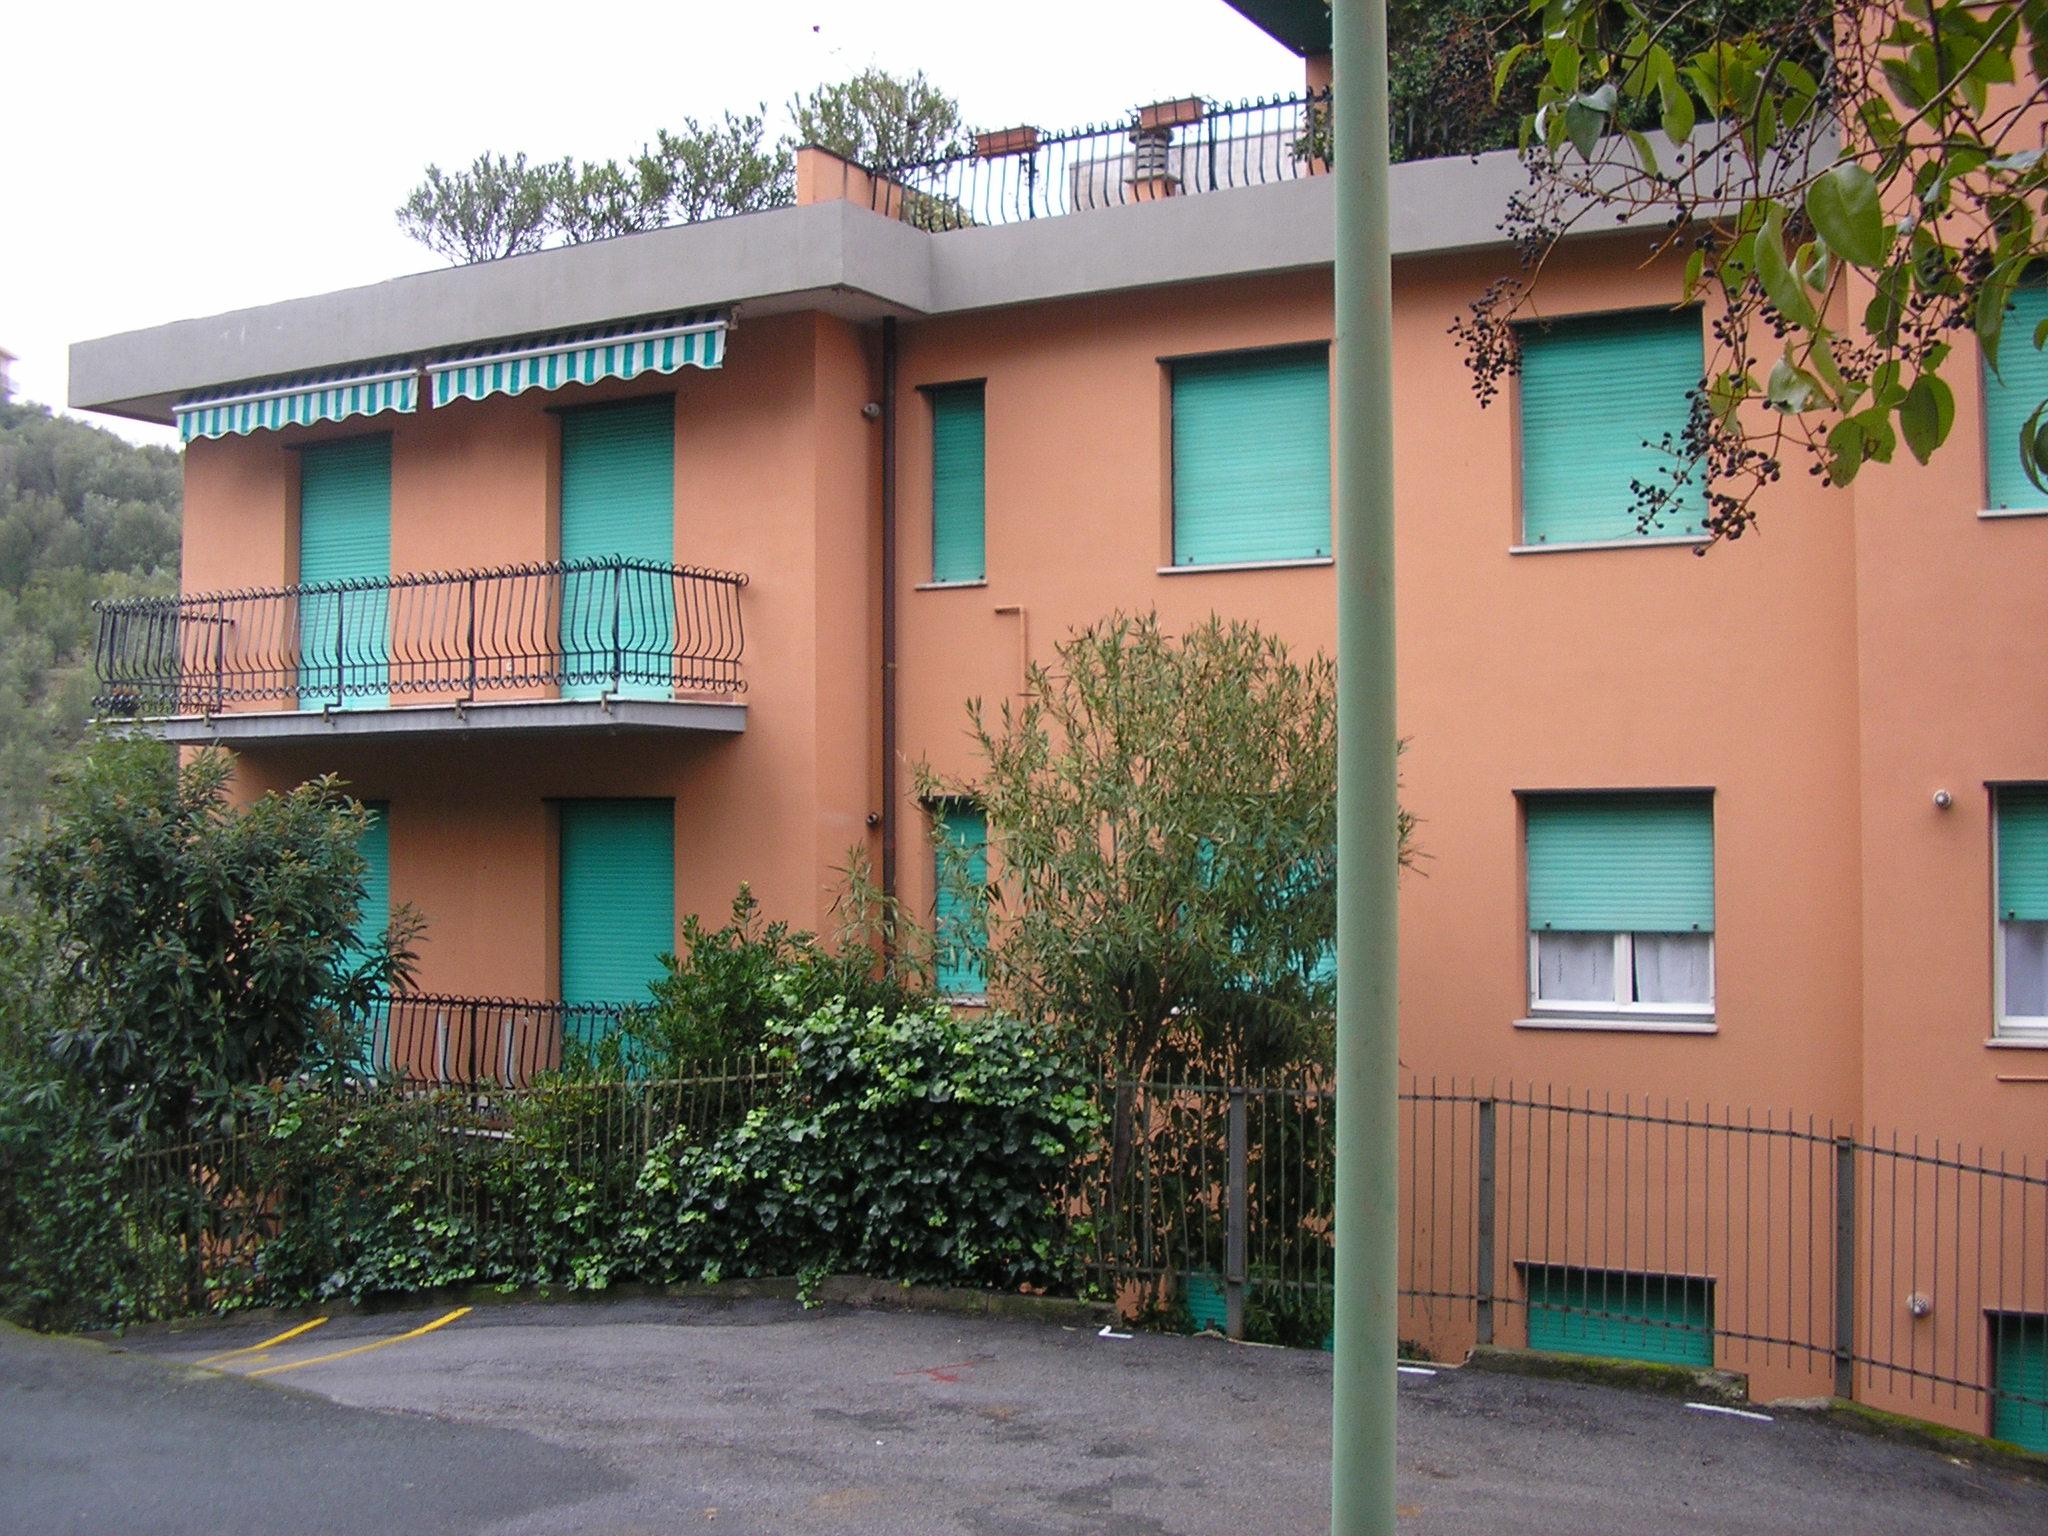 Foto appartamento 8